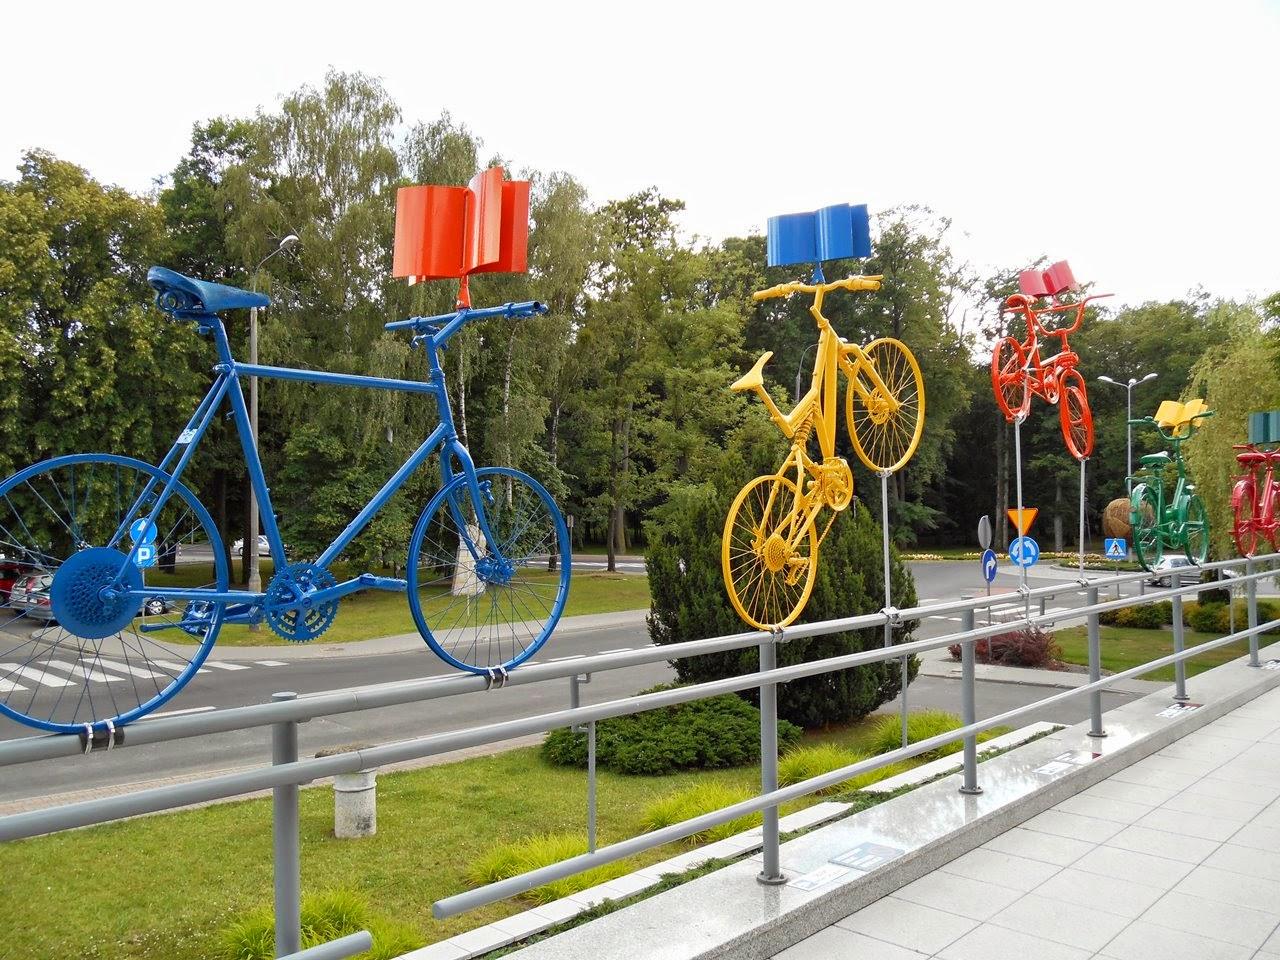 instalacja rowerowa, Nowy Tomyśl, przed biblioteką